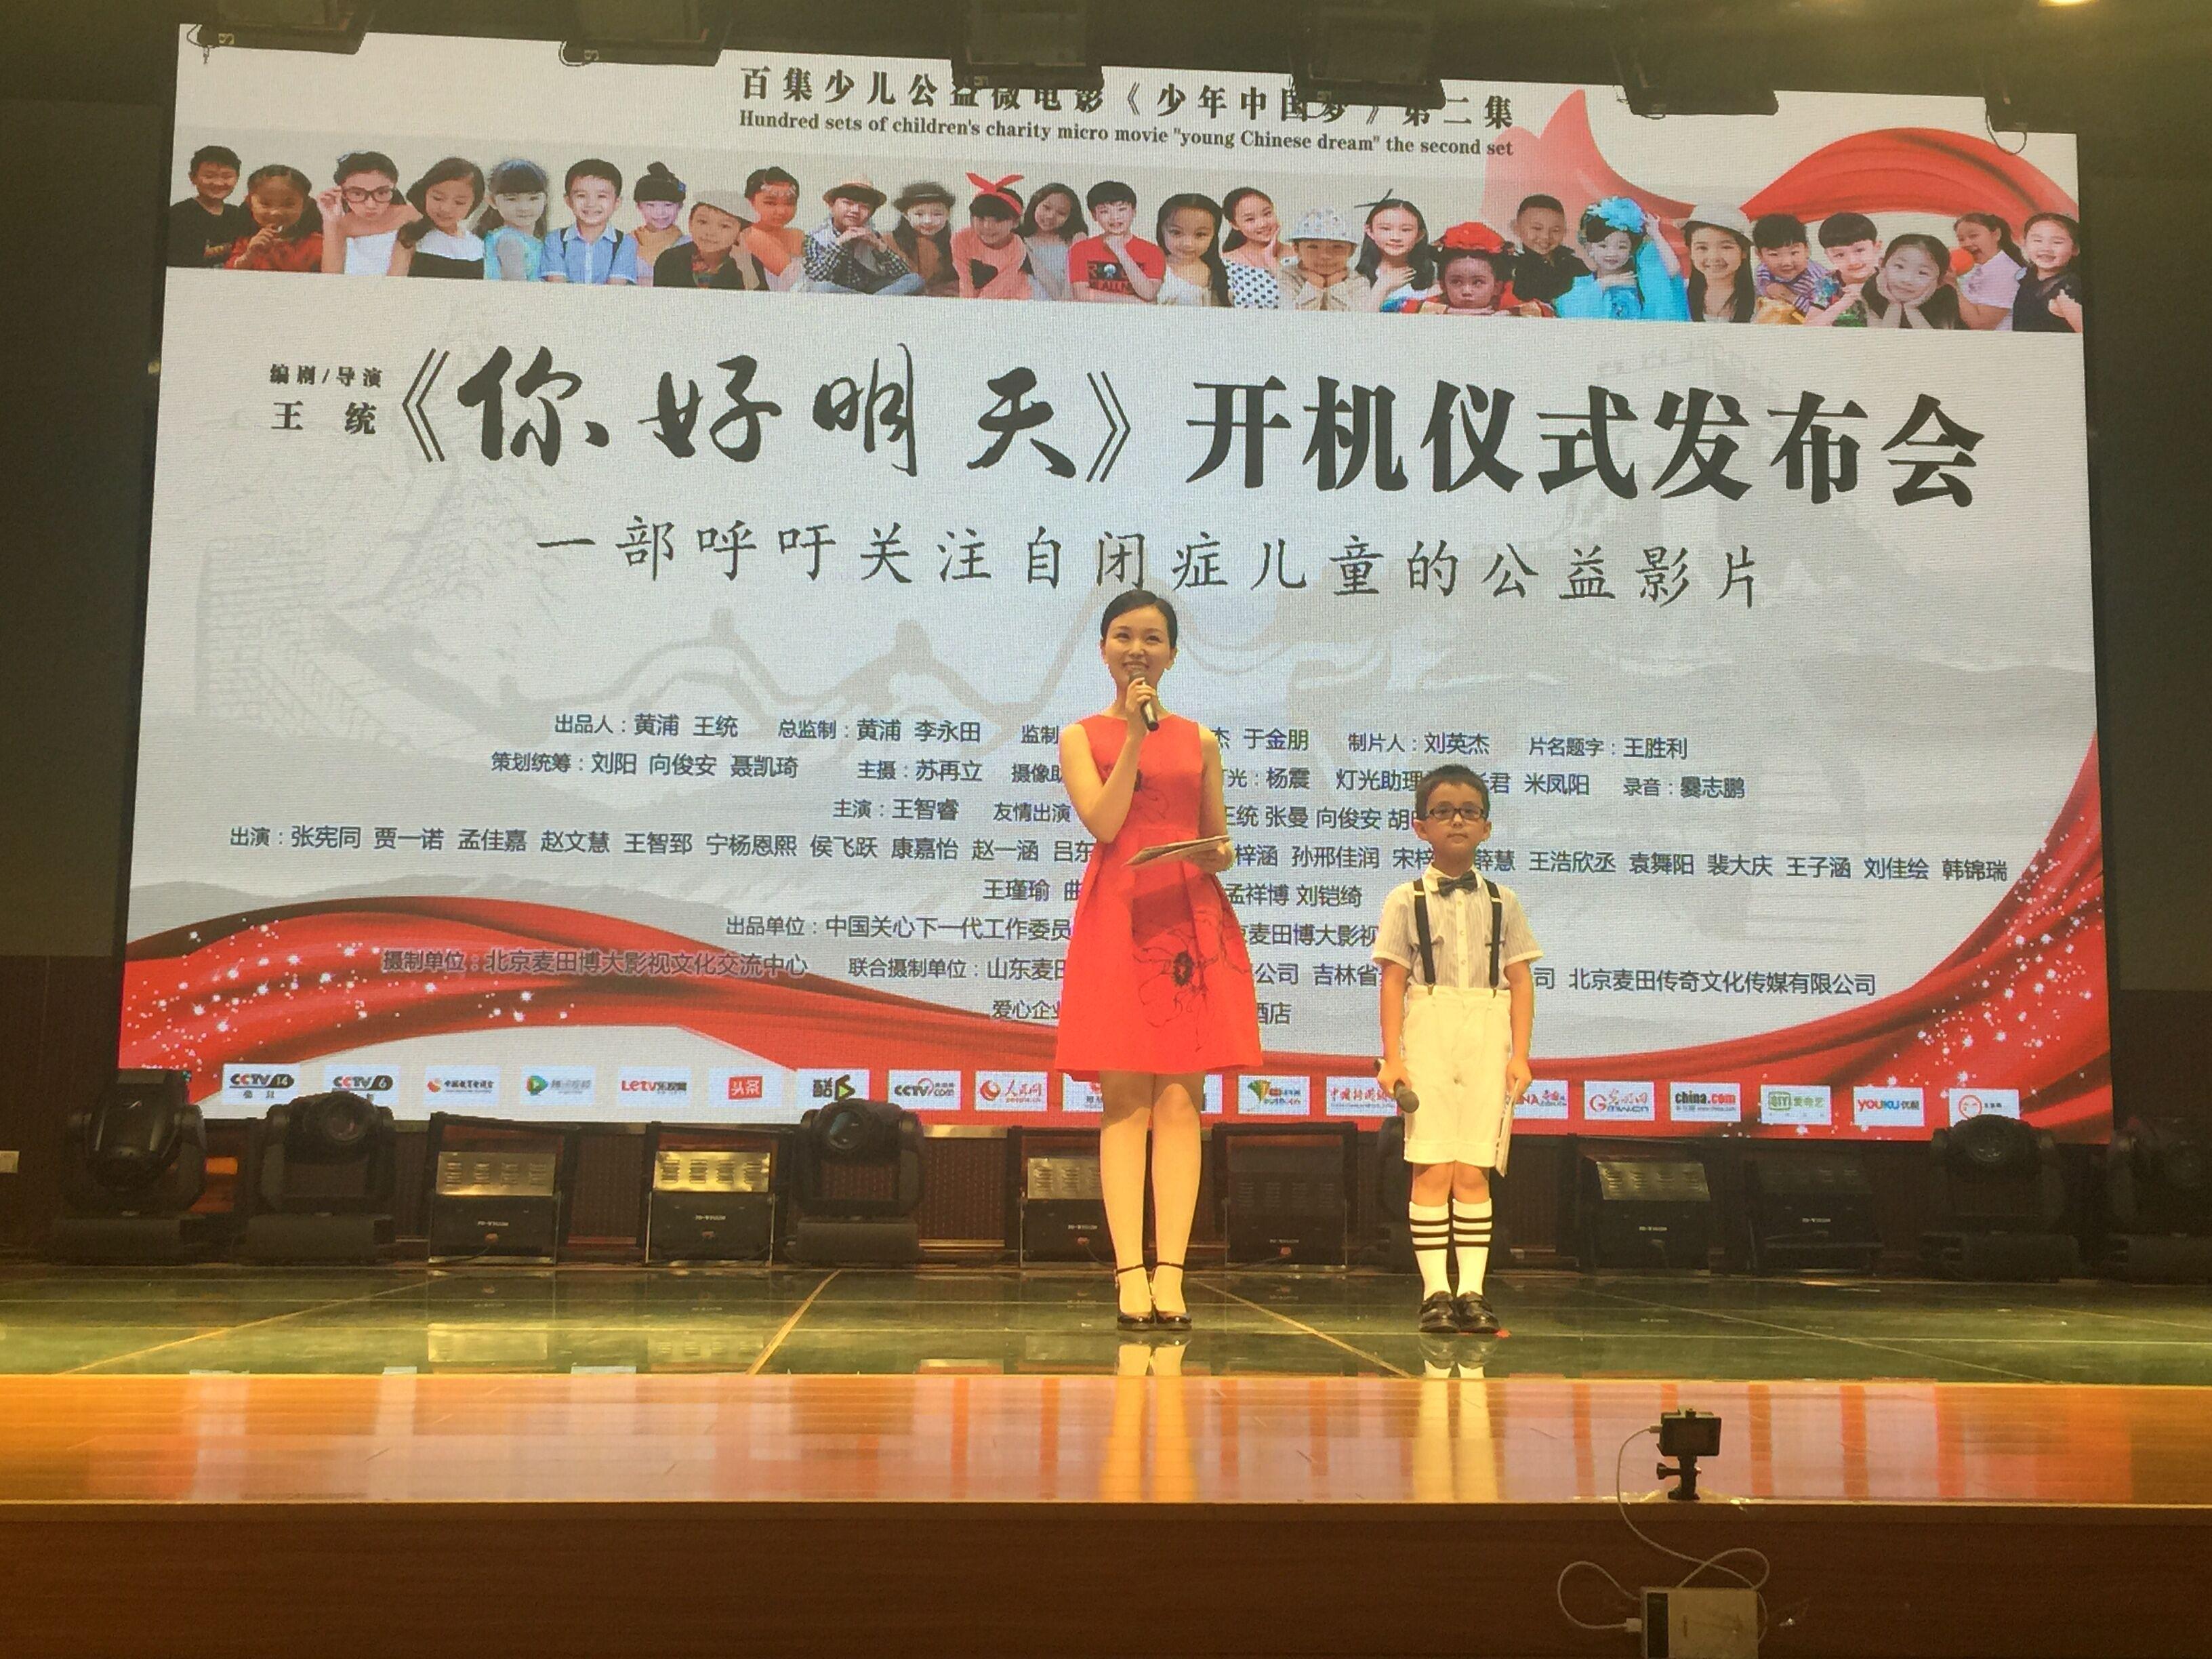 百集少儿公益微电影《少年中国梦》顾问,监制:王胜利 中国关心下一代